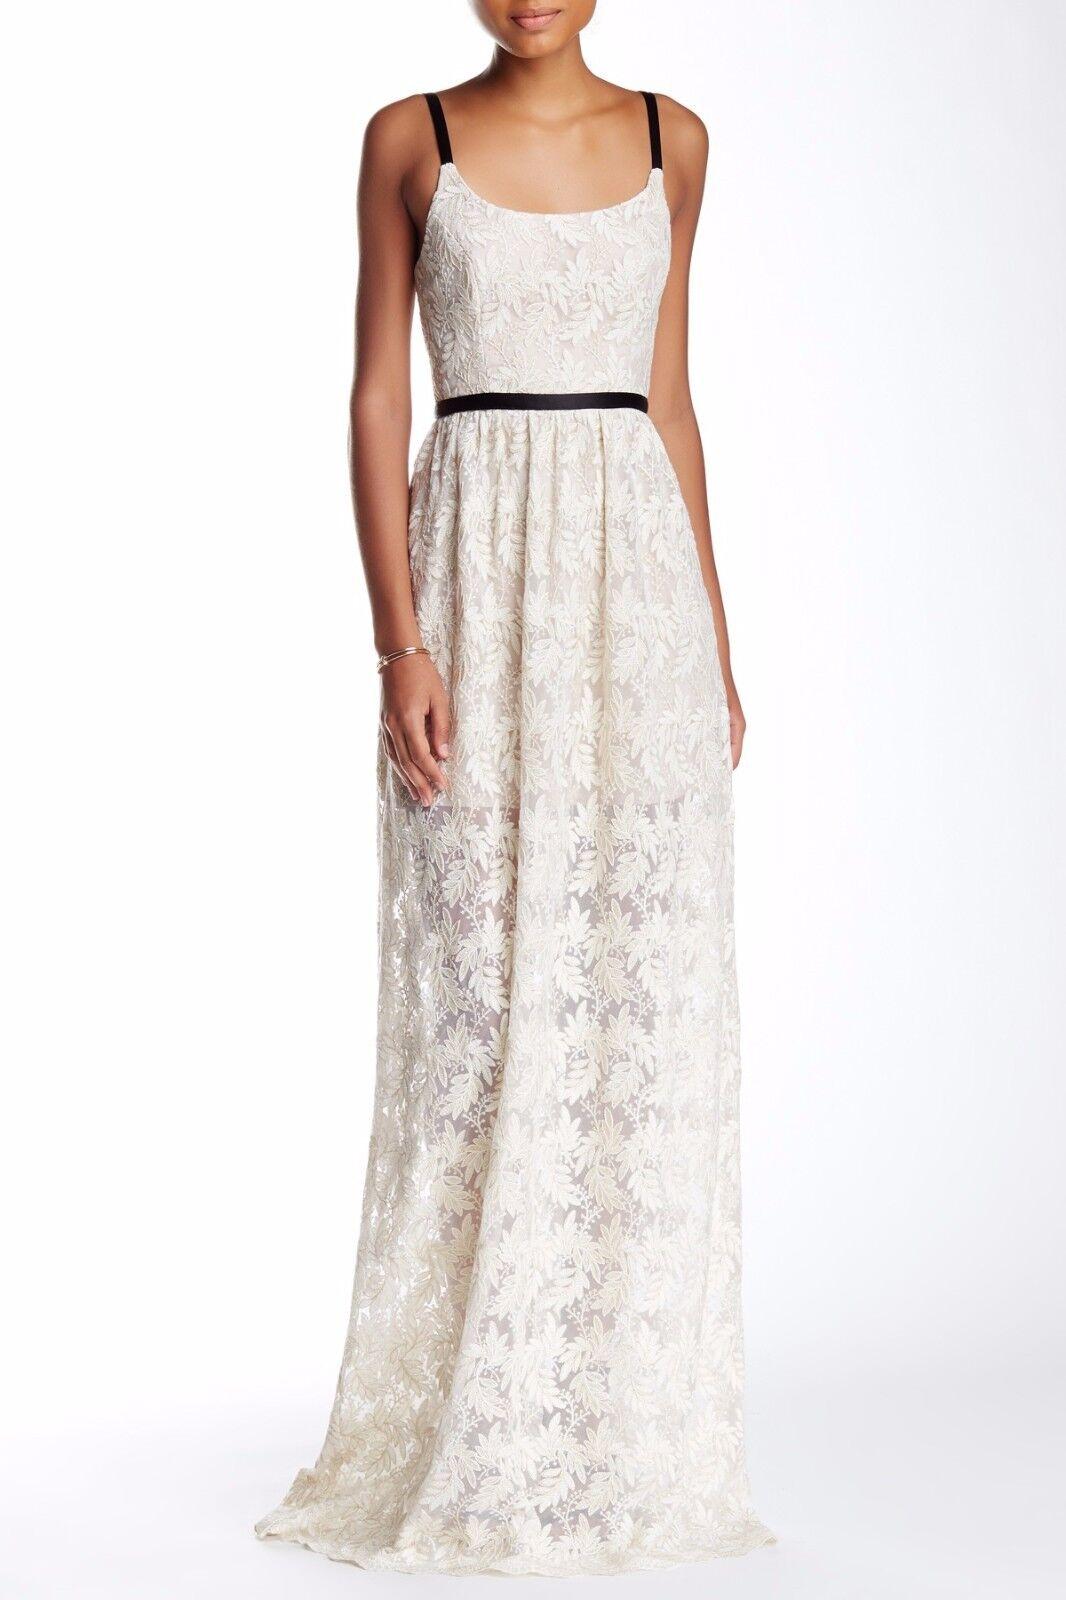 ABS by Allen Schwartz Lace Gown (size 8)